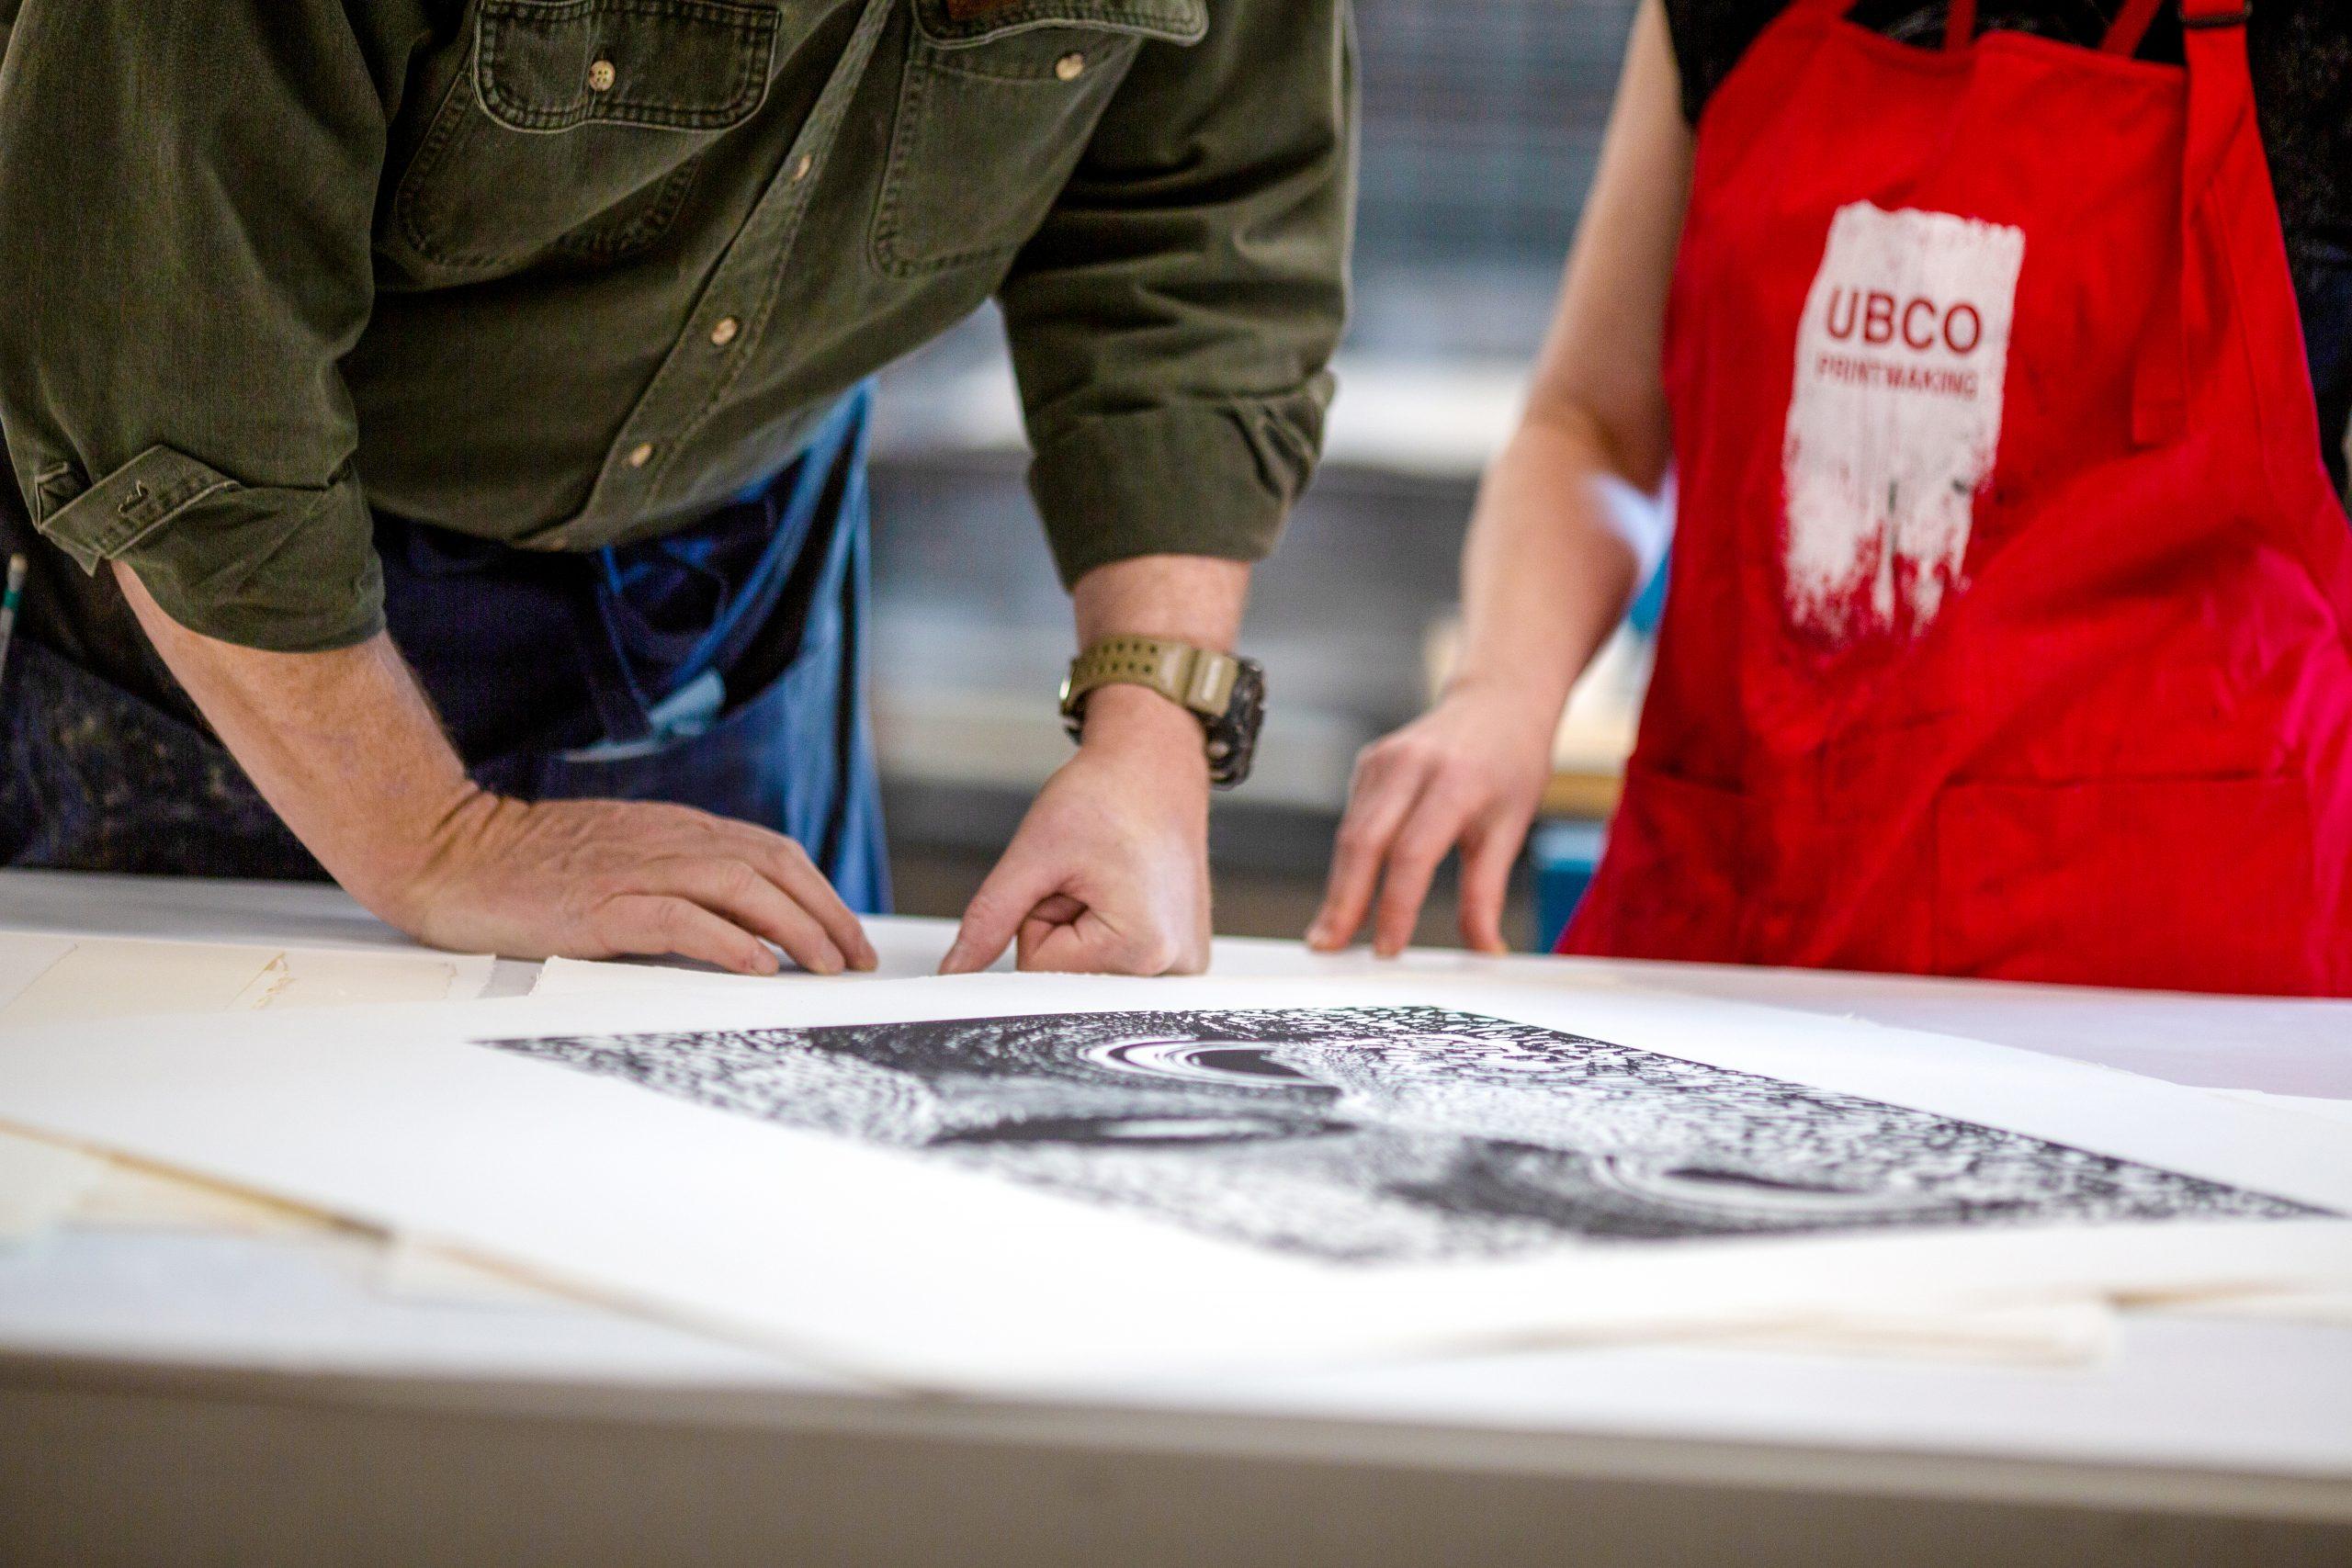 UBC printmaking studio